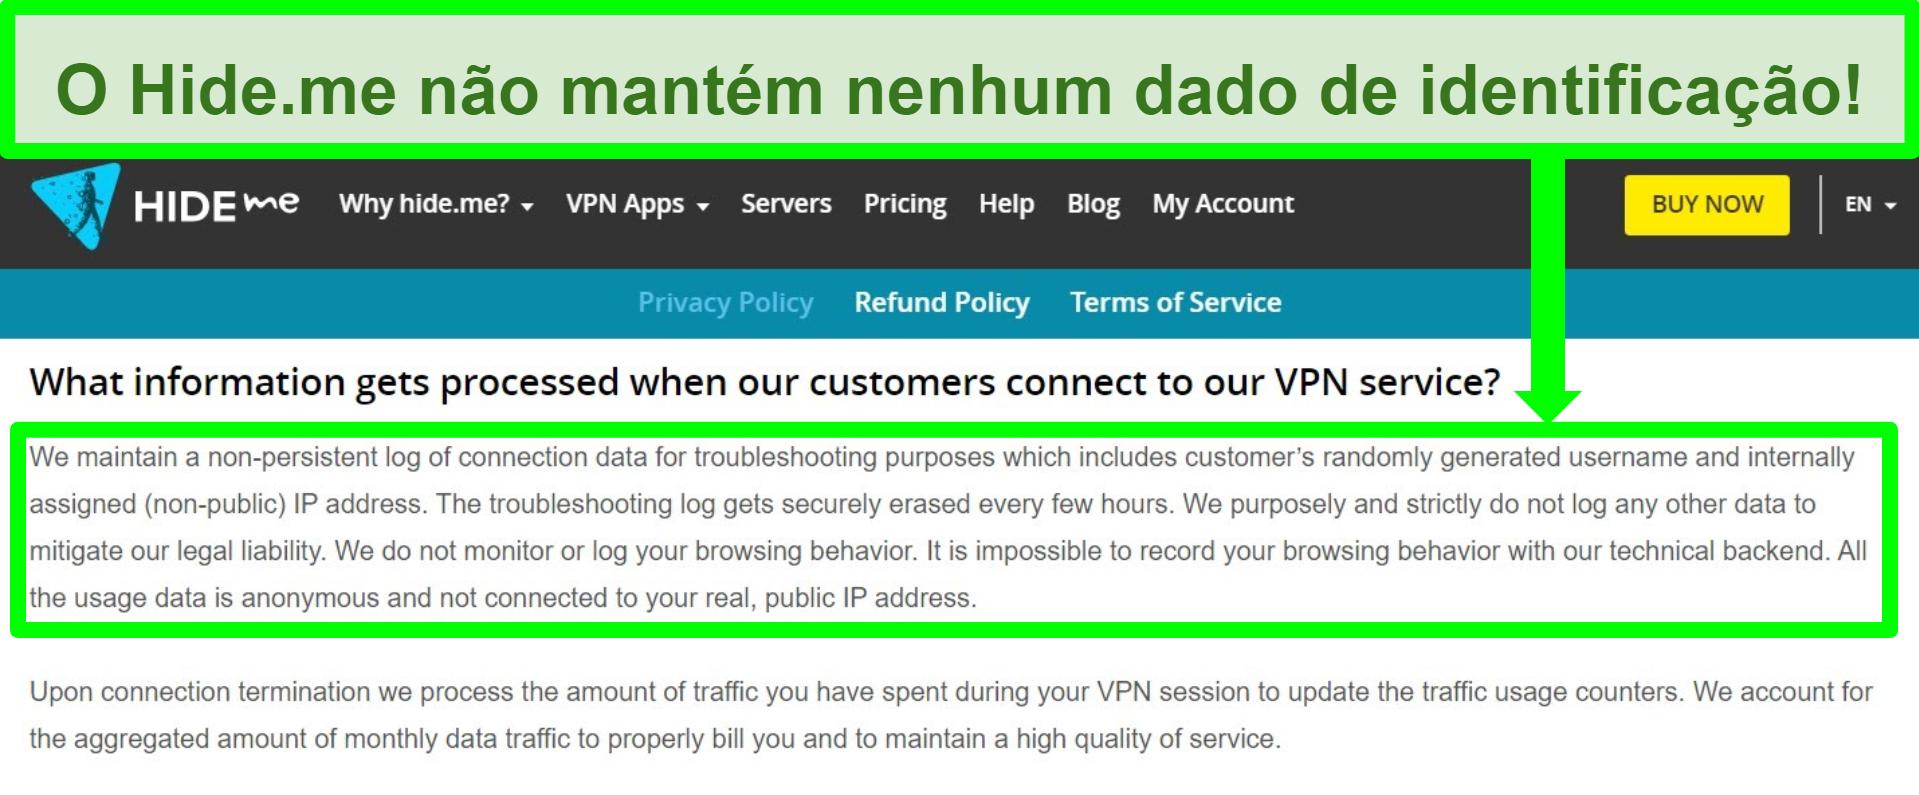 Captura de tela da política de privacidade do Hide.me